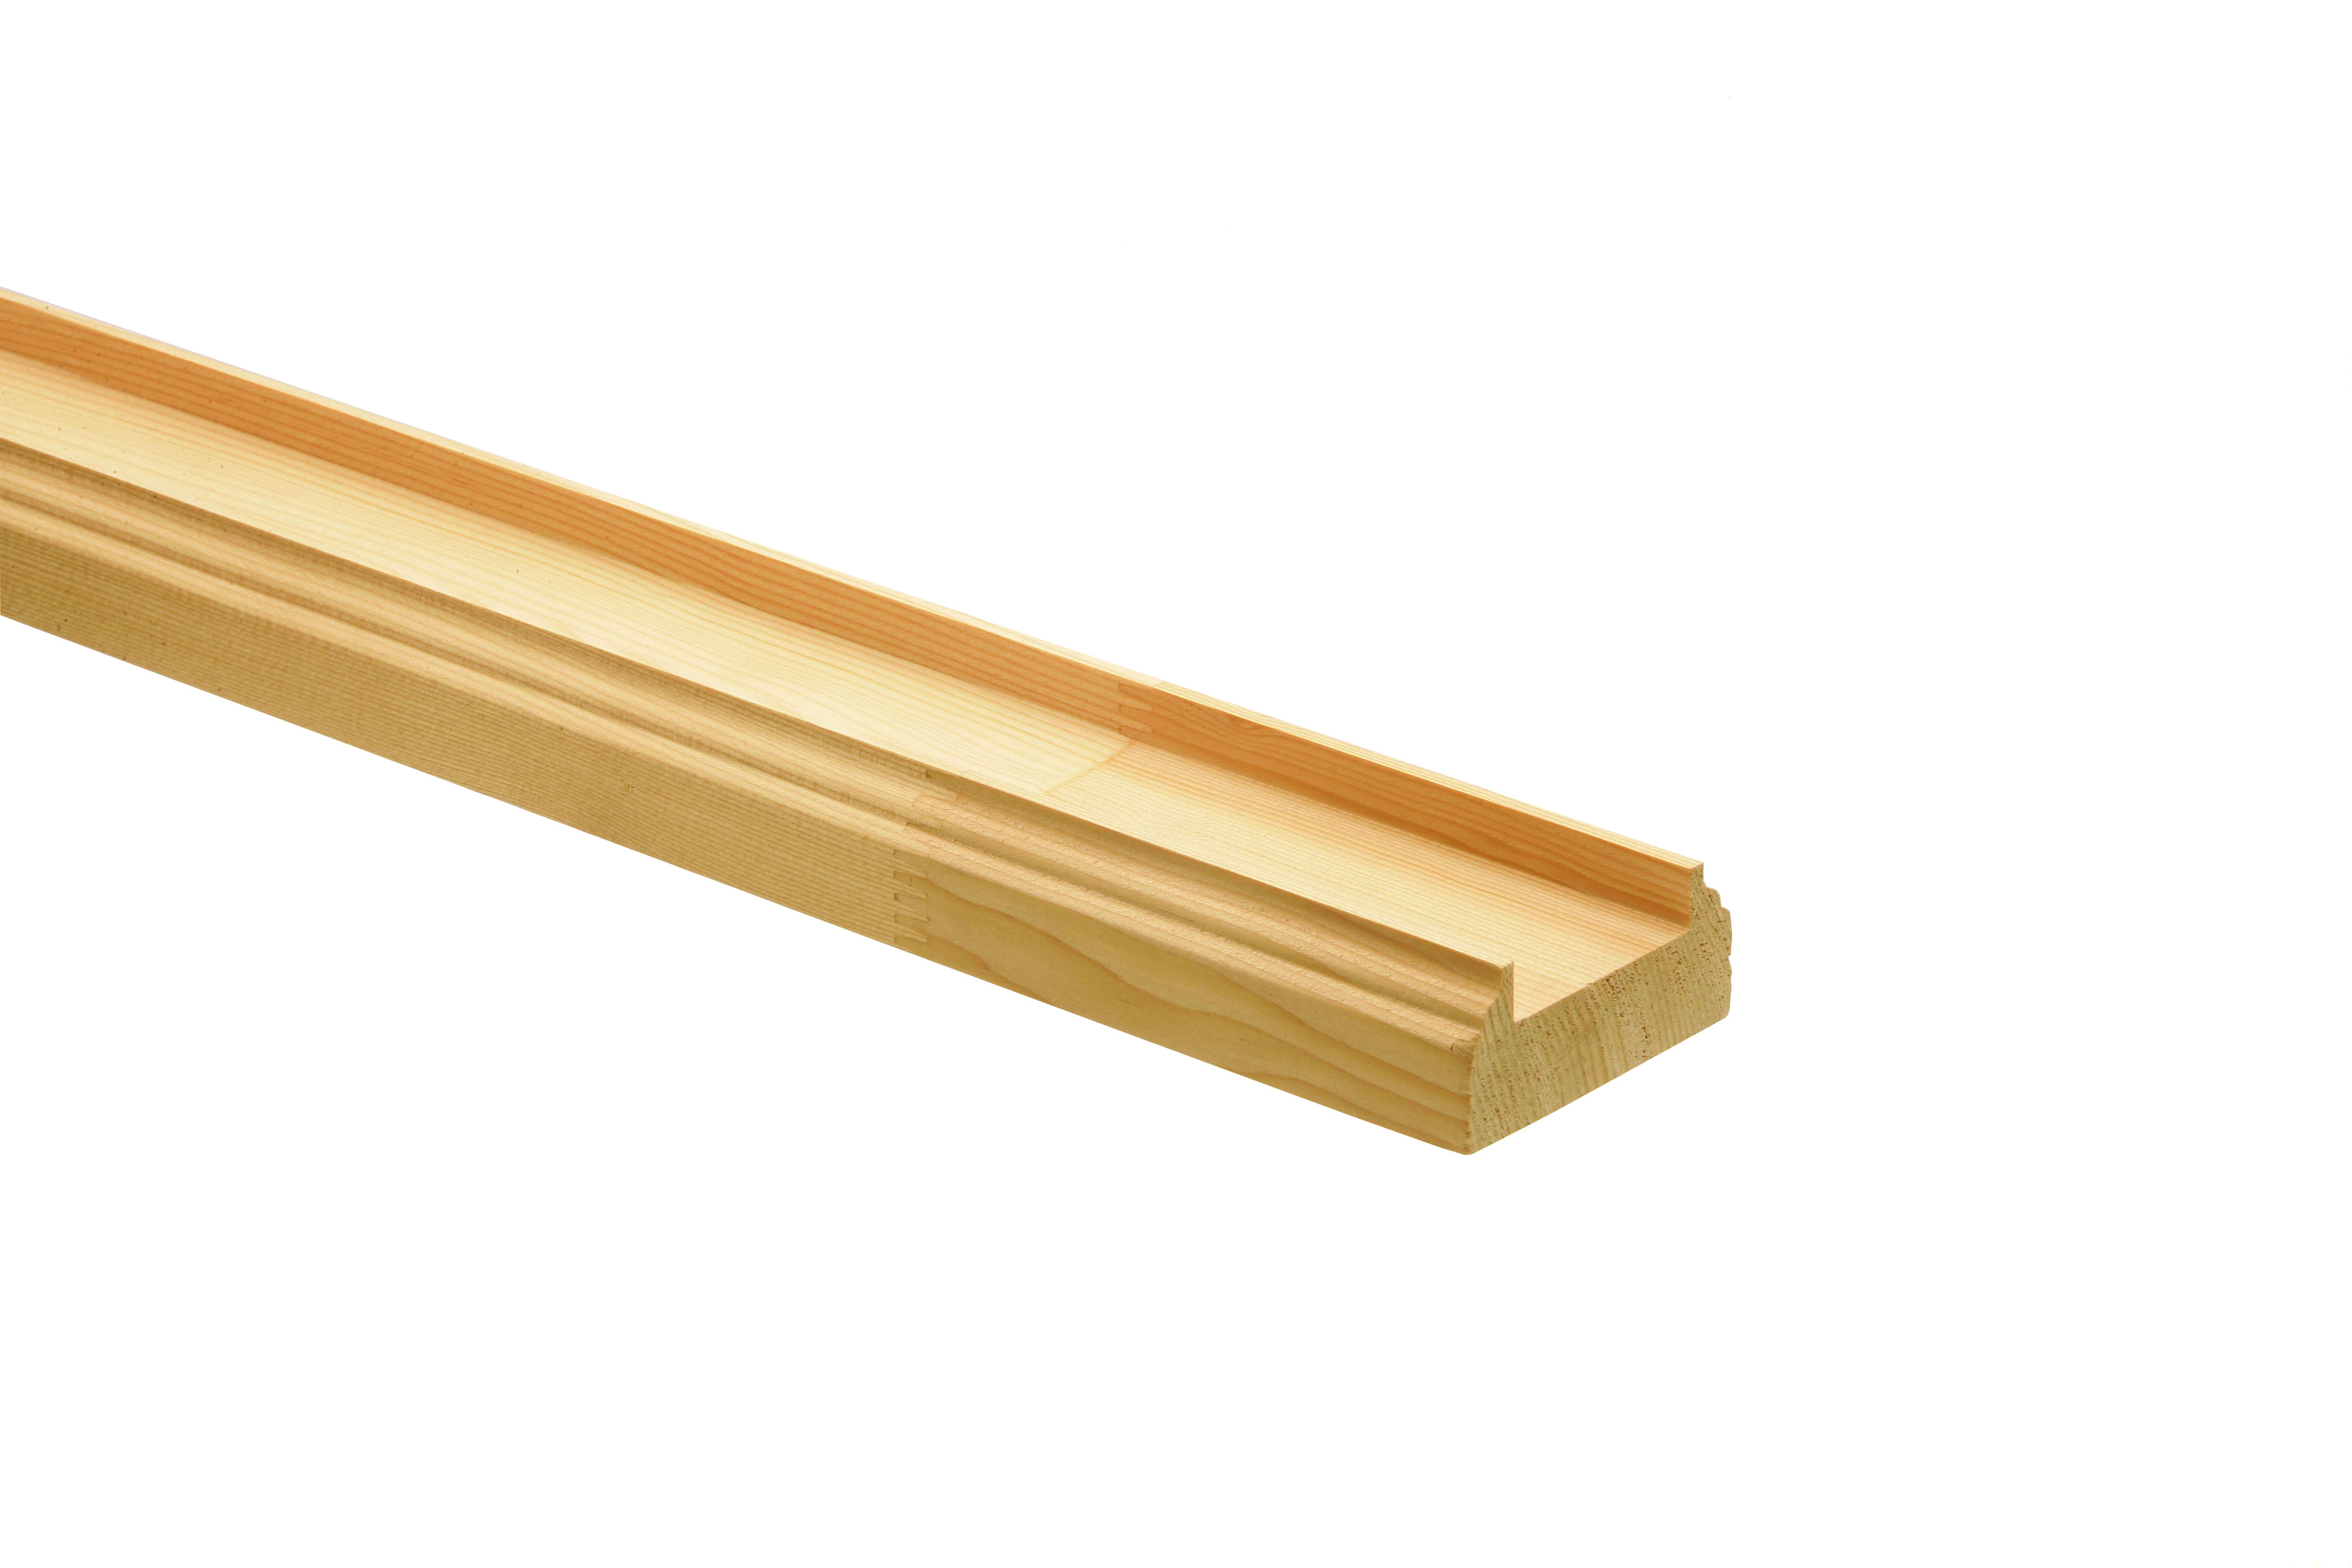 1 Hemlock Baserail 3600 41